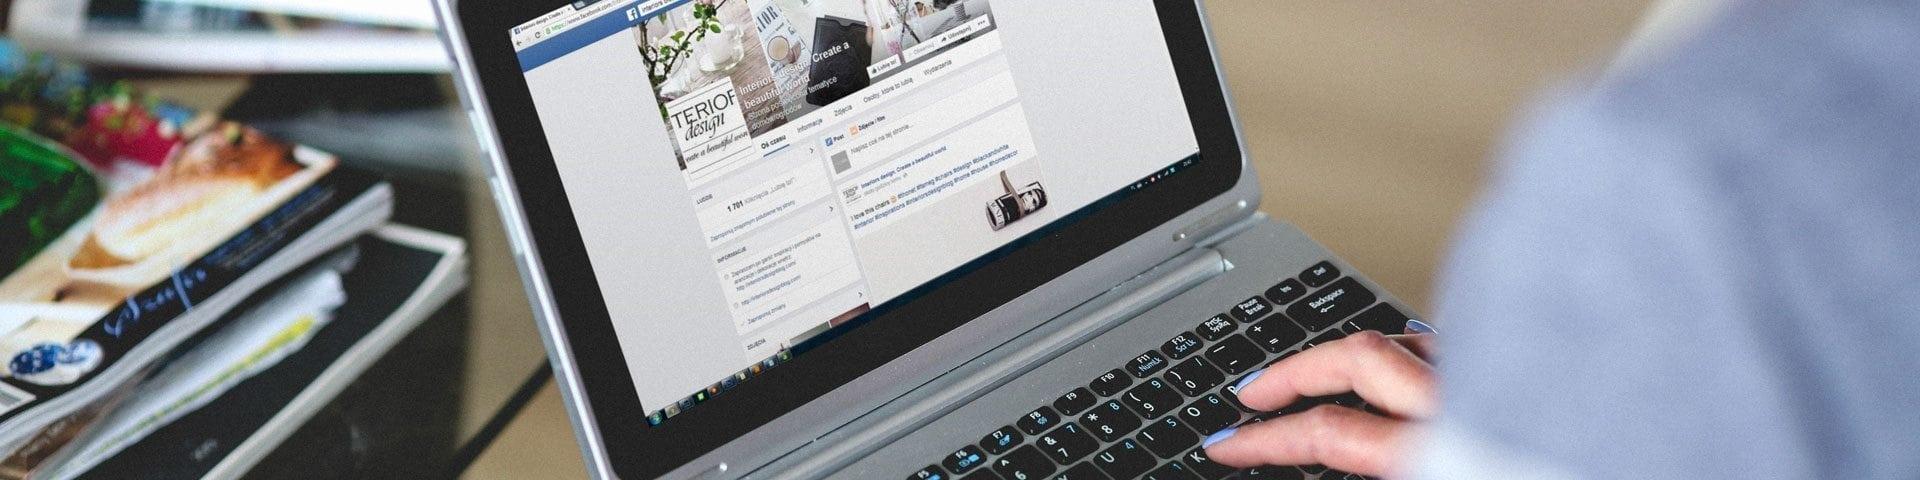 3 social media analytics